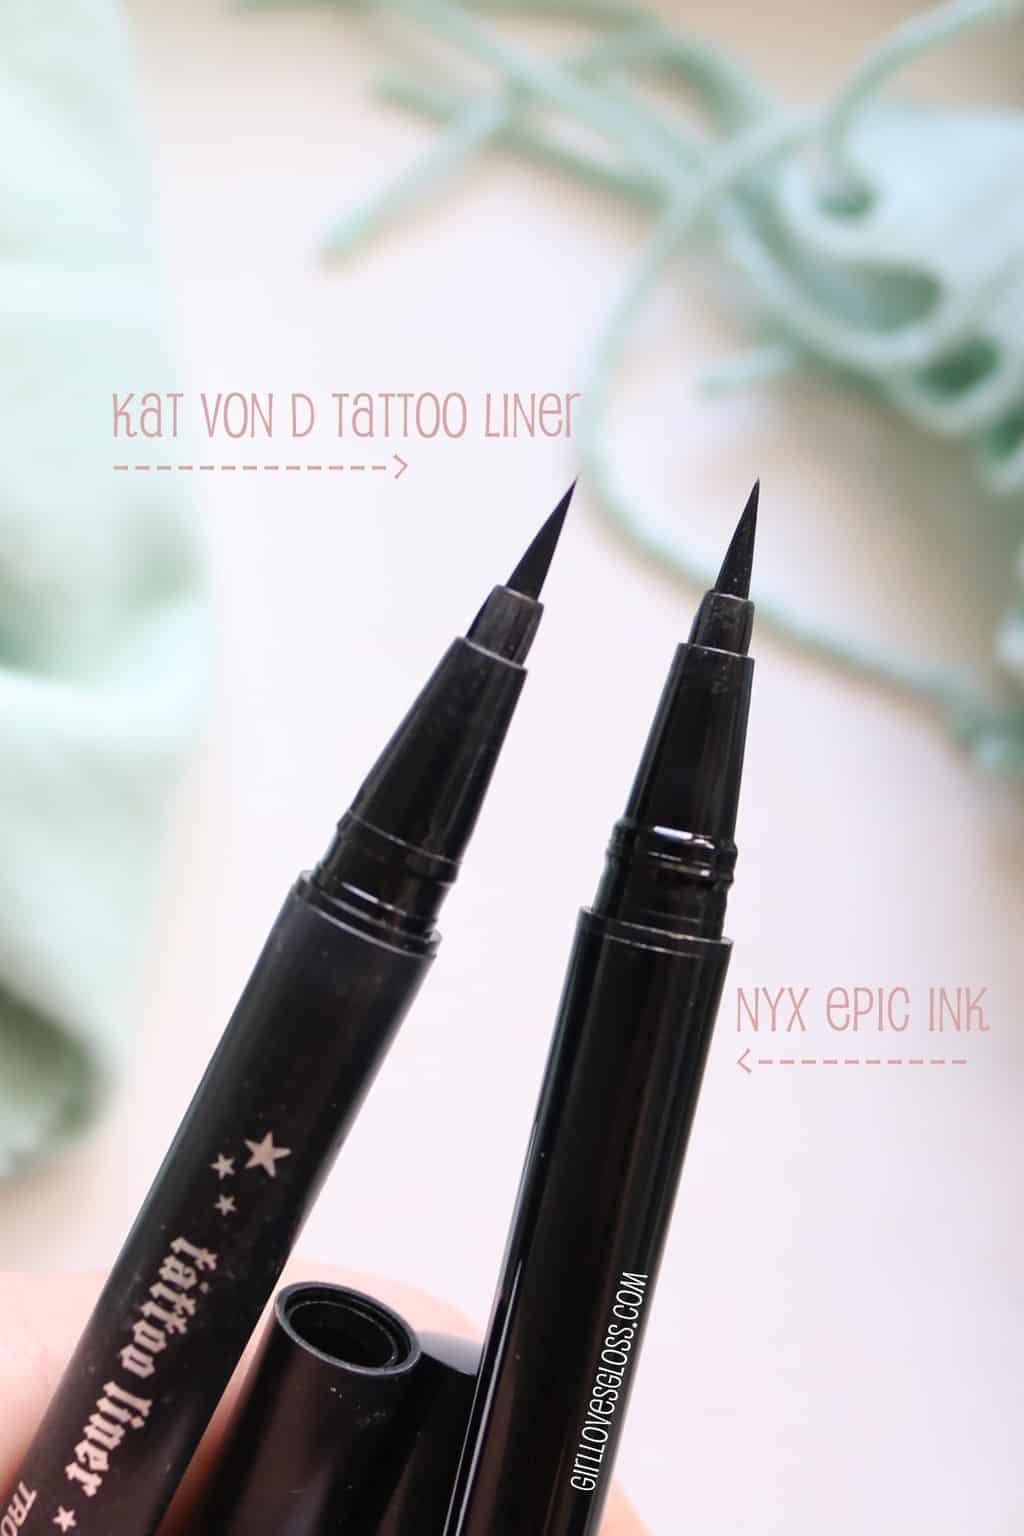 NYX Epic Ink vs Kat Von D Trooper Eyeliner